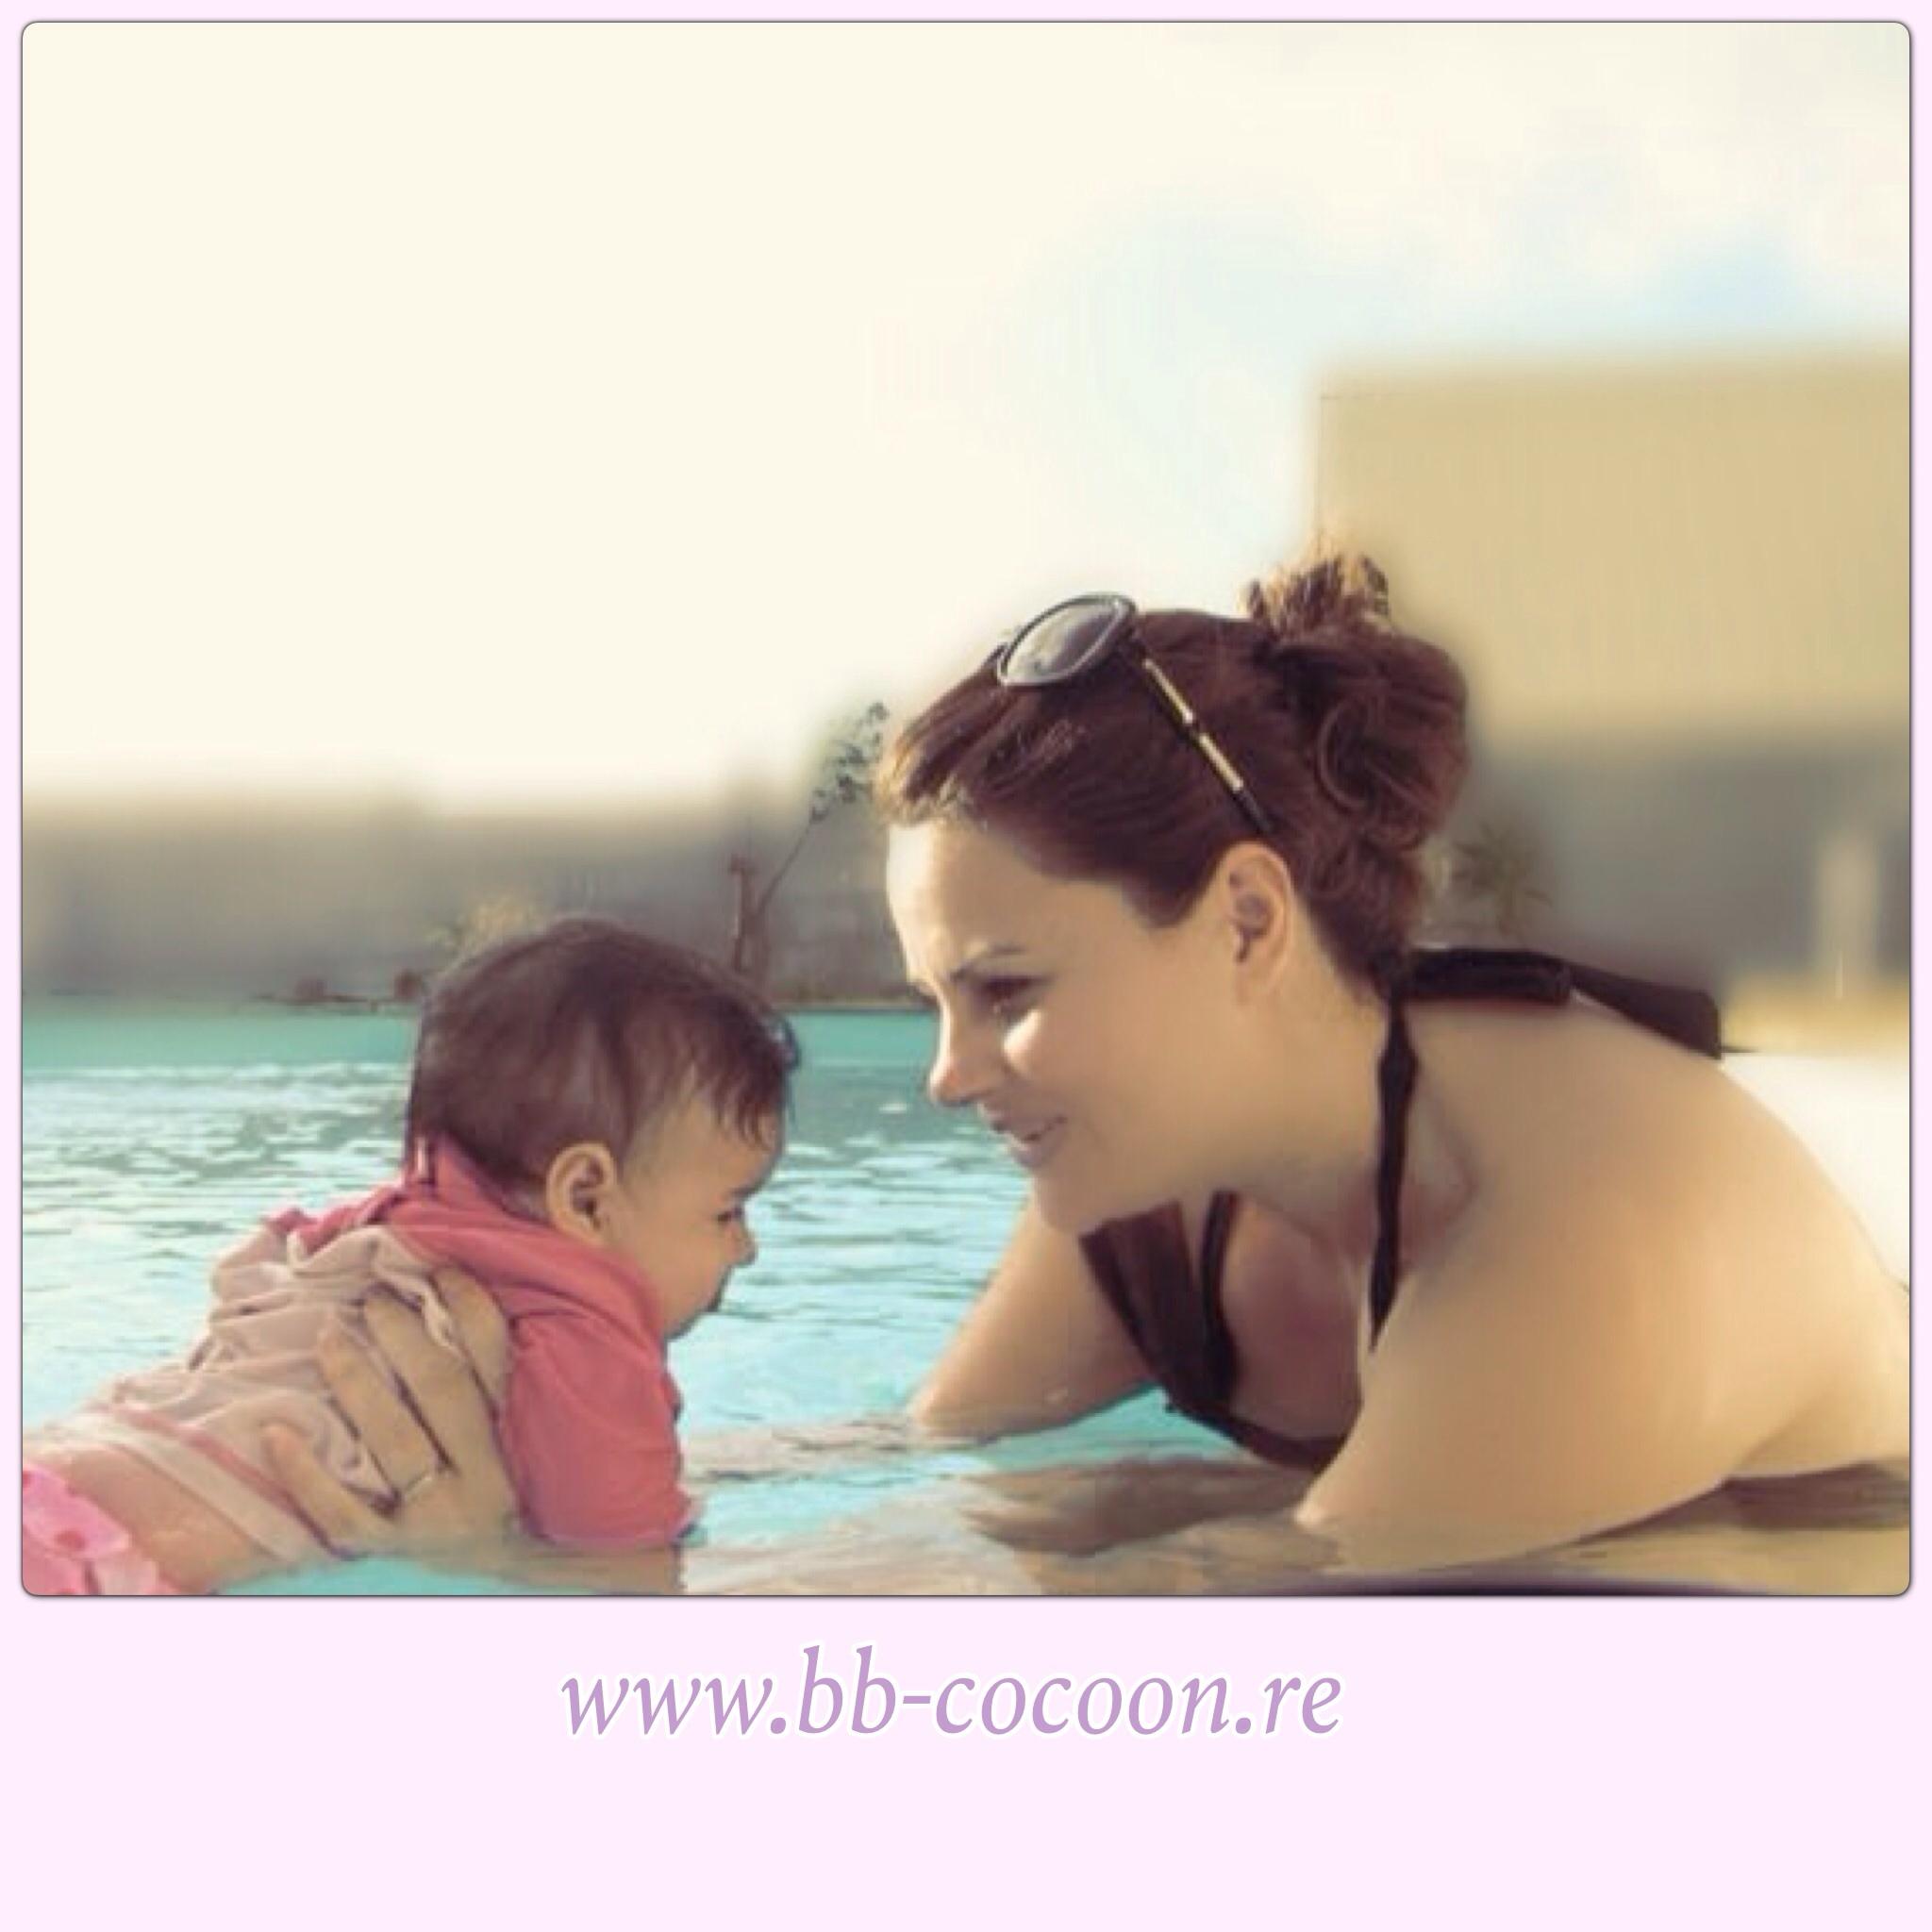 Une poussinette un peu effrayée et quand arrive le porte bébé, mademoiselle  retrouve le sourire et finit par se lâcher totalement dans l eau! b3c6a23e78d